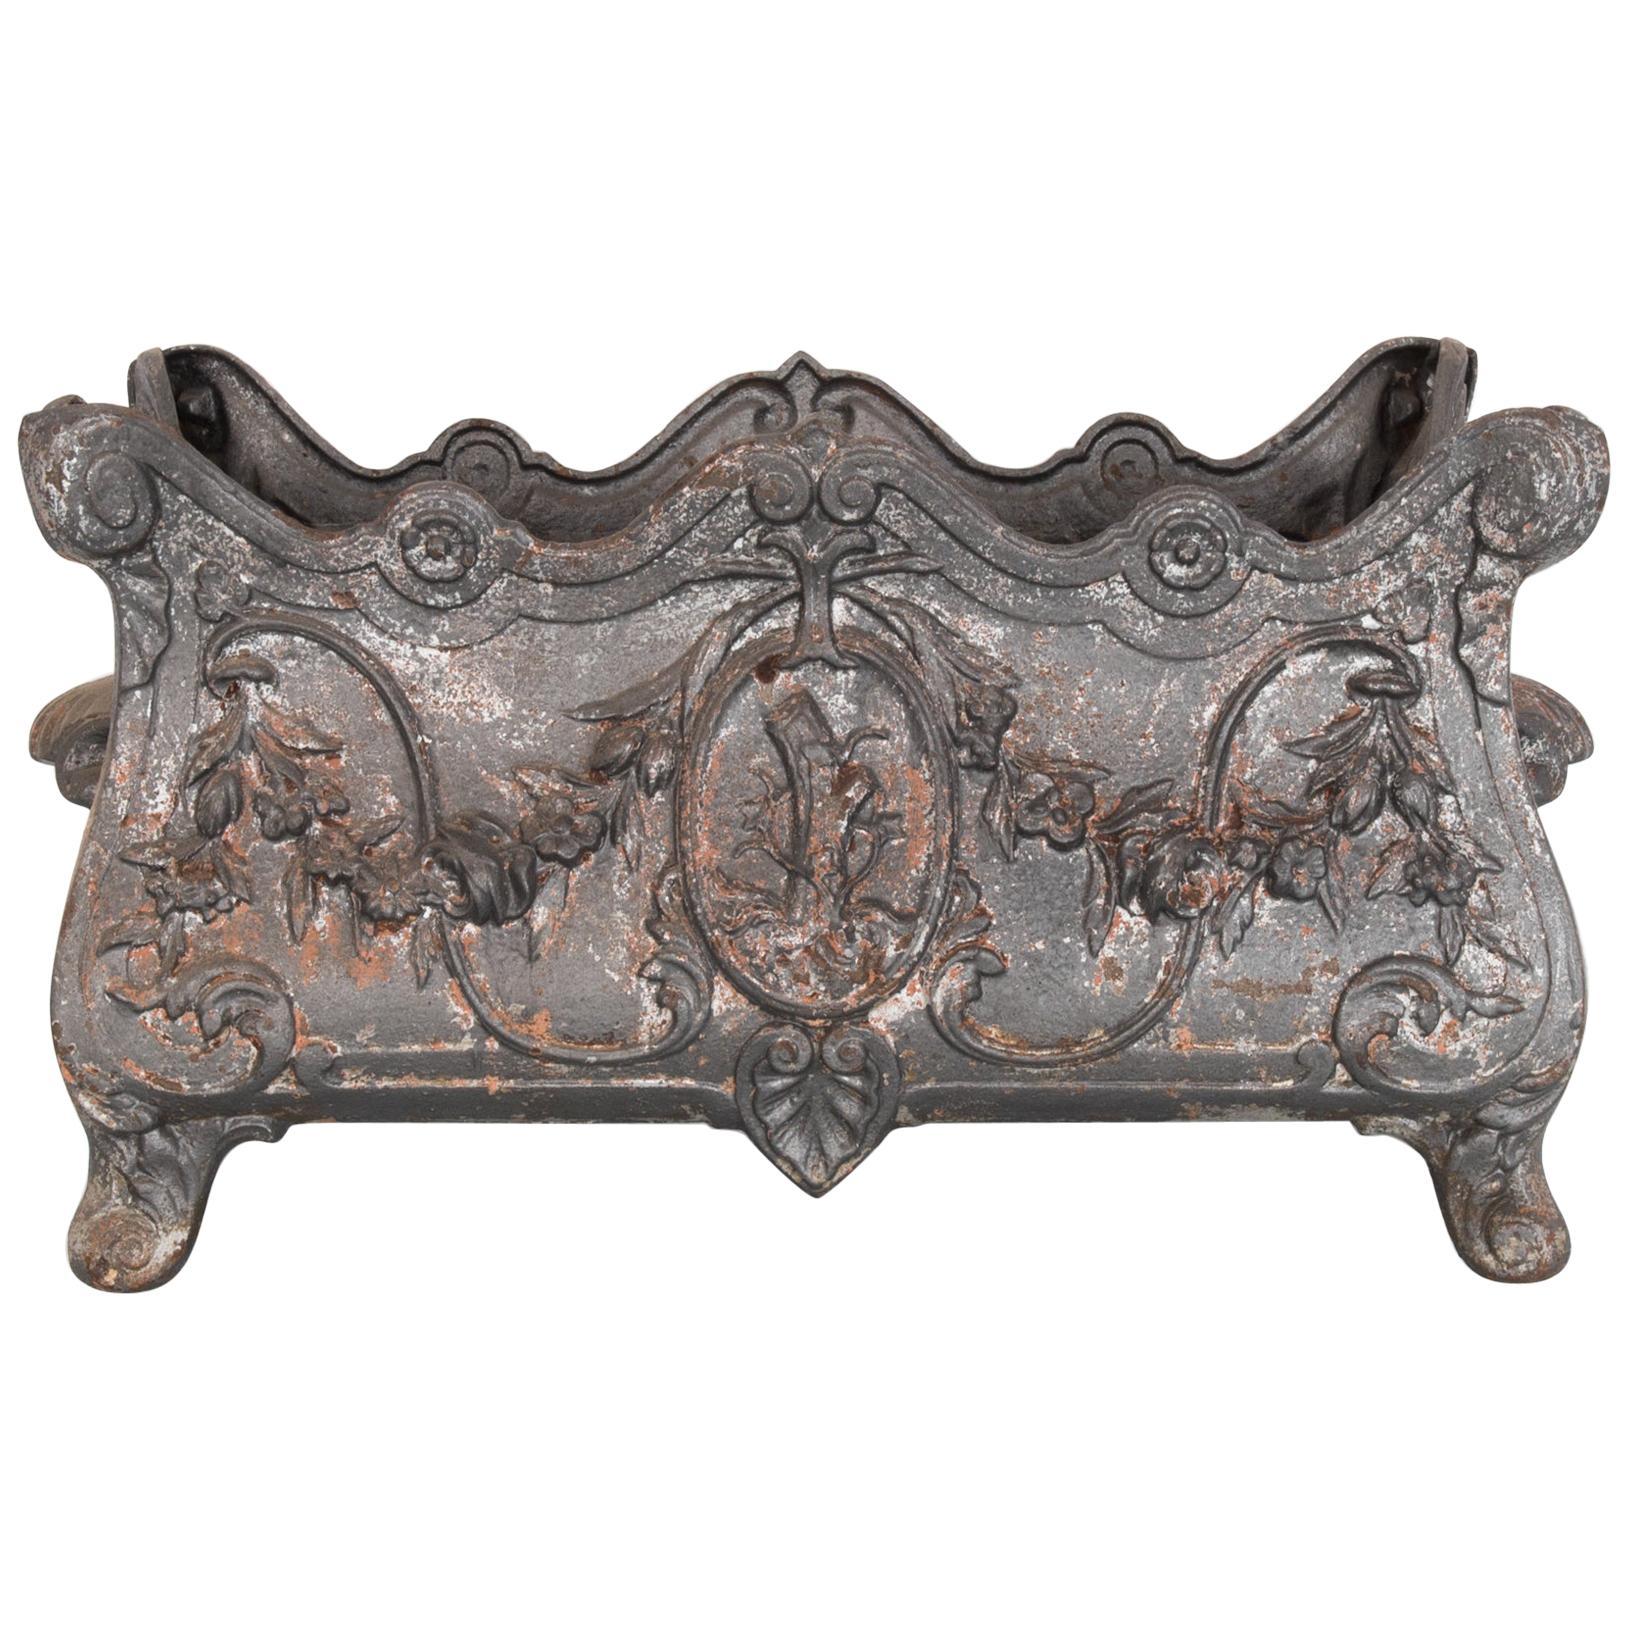 1950s Rococo Cast Iron Planter